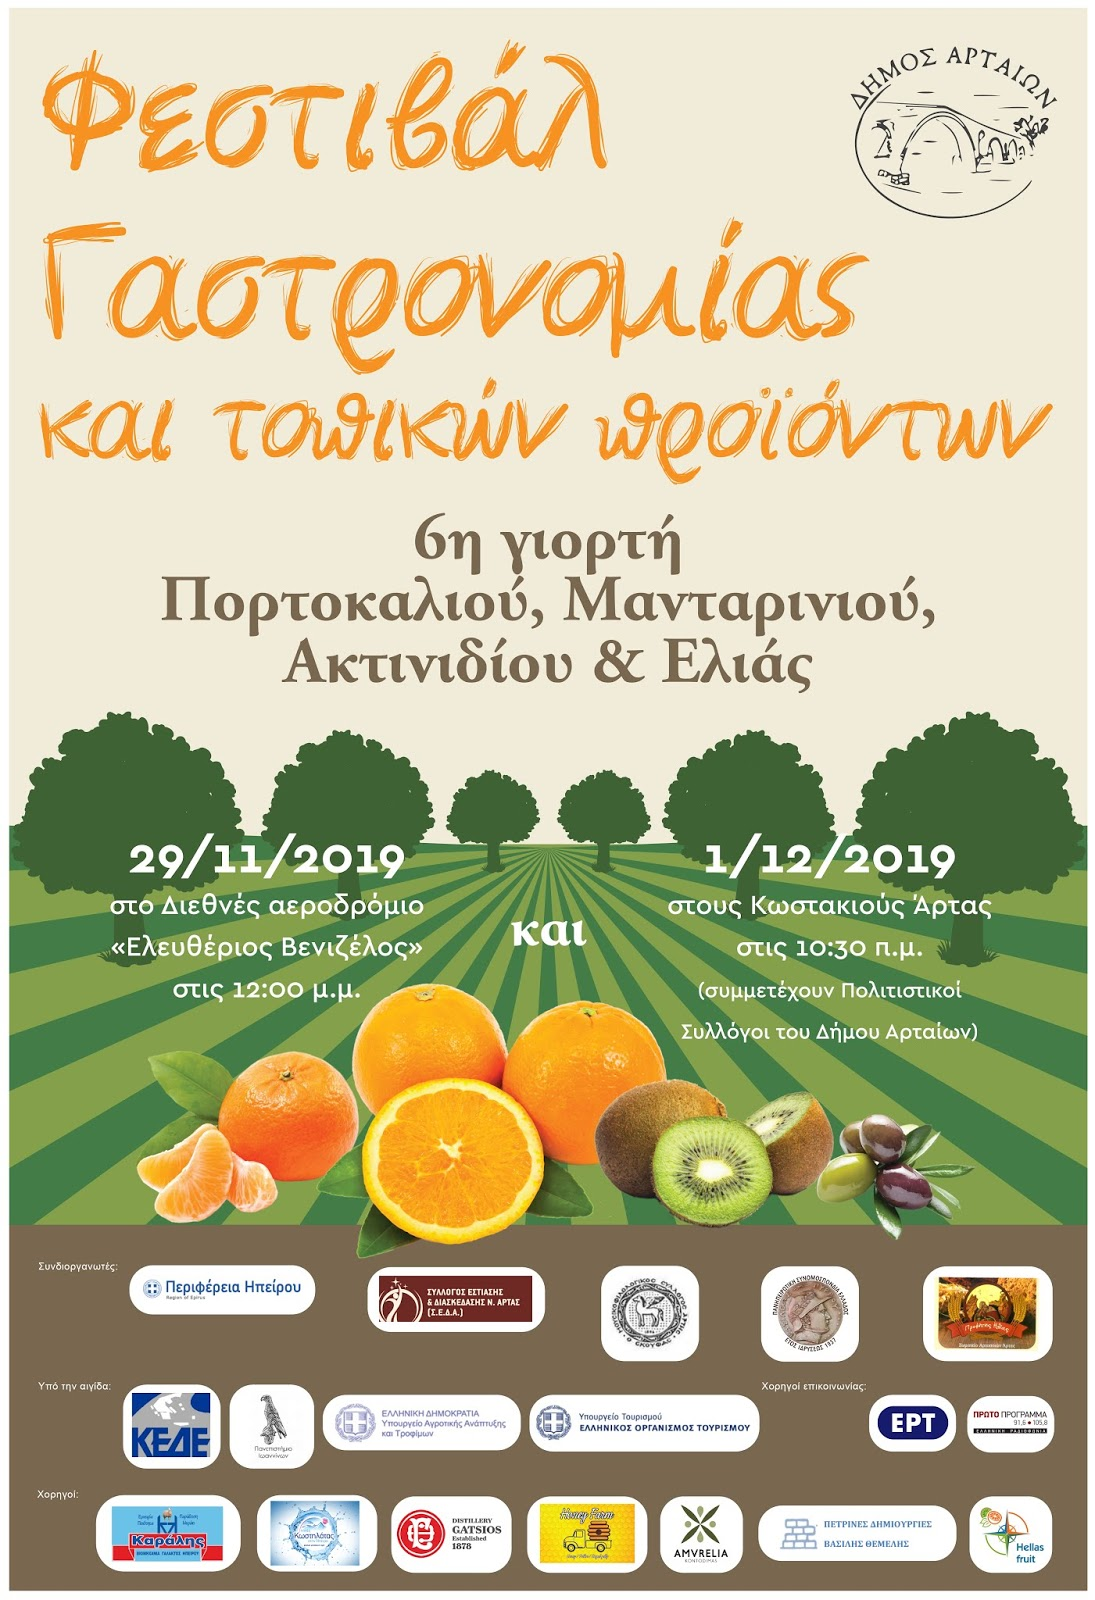 Σε Αθήνα και Άρτα το Φεστιβάλ Γαστρονομίας και Τοπικών προϊόντων!